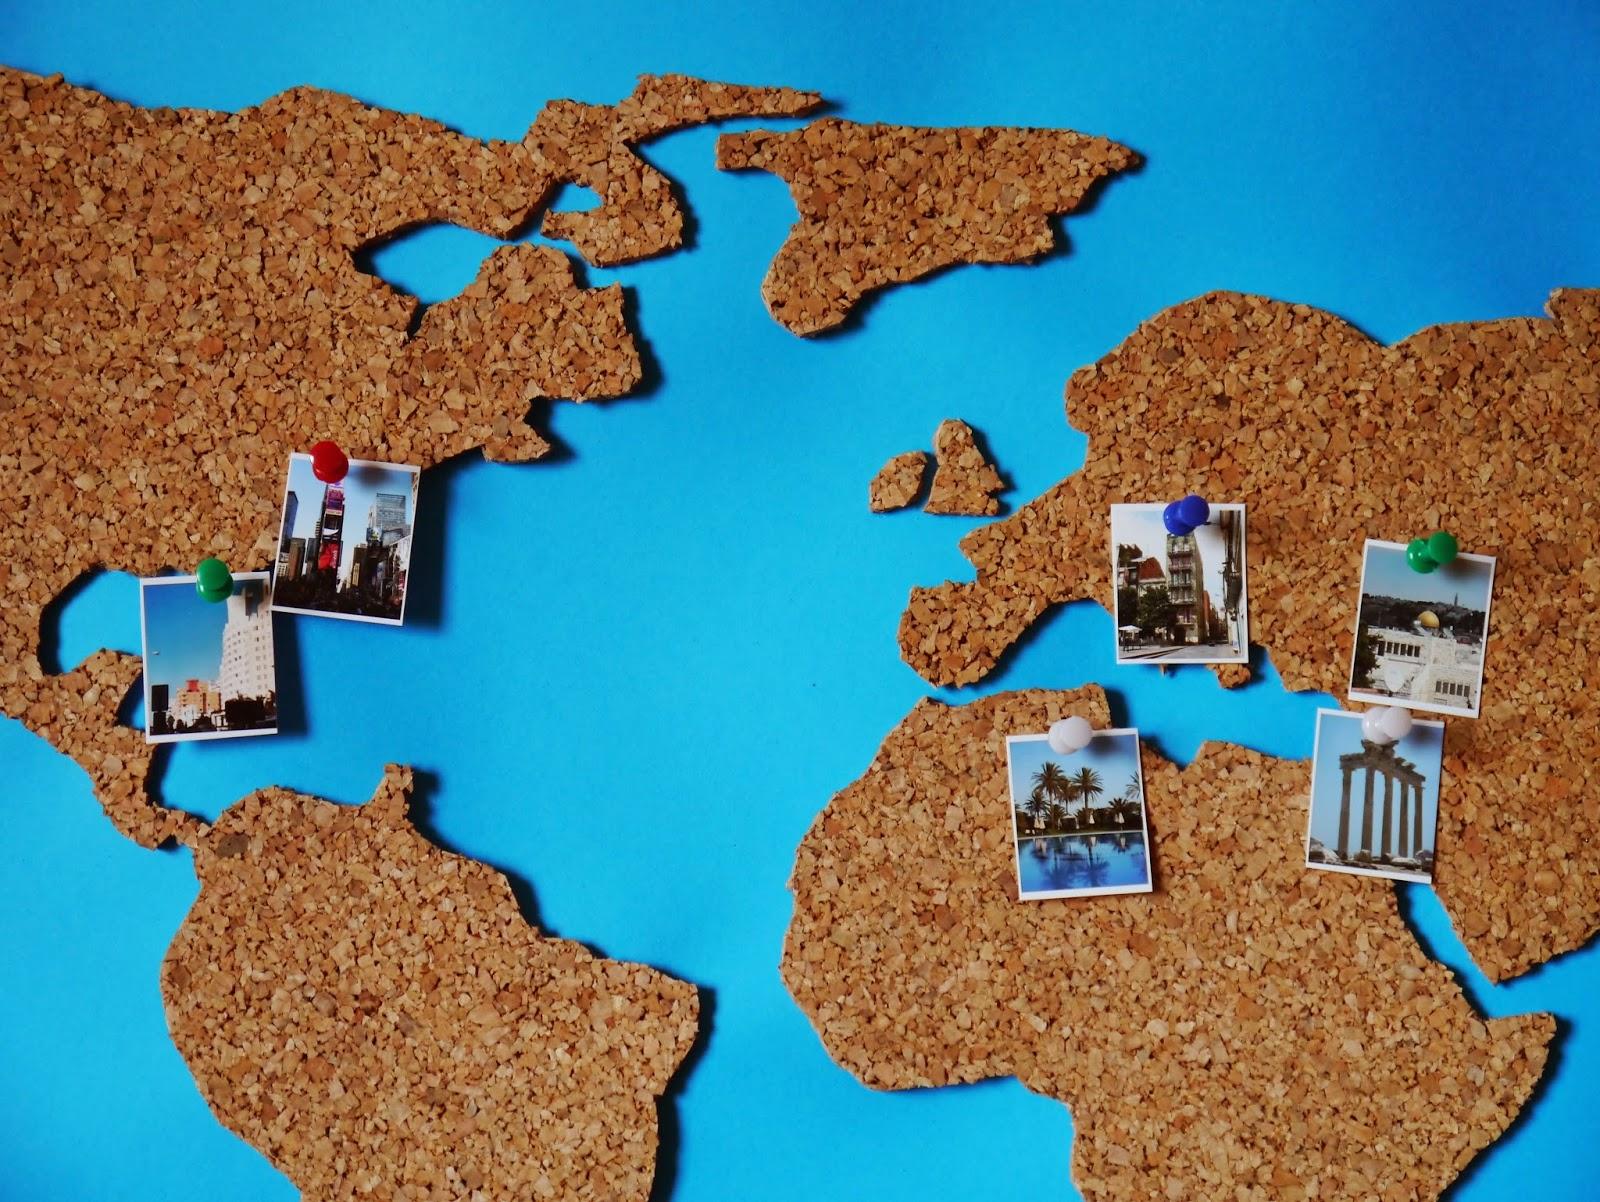 Impressionen umwege erweitern die ortskenntnis - Weltkarte basteln ...